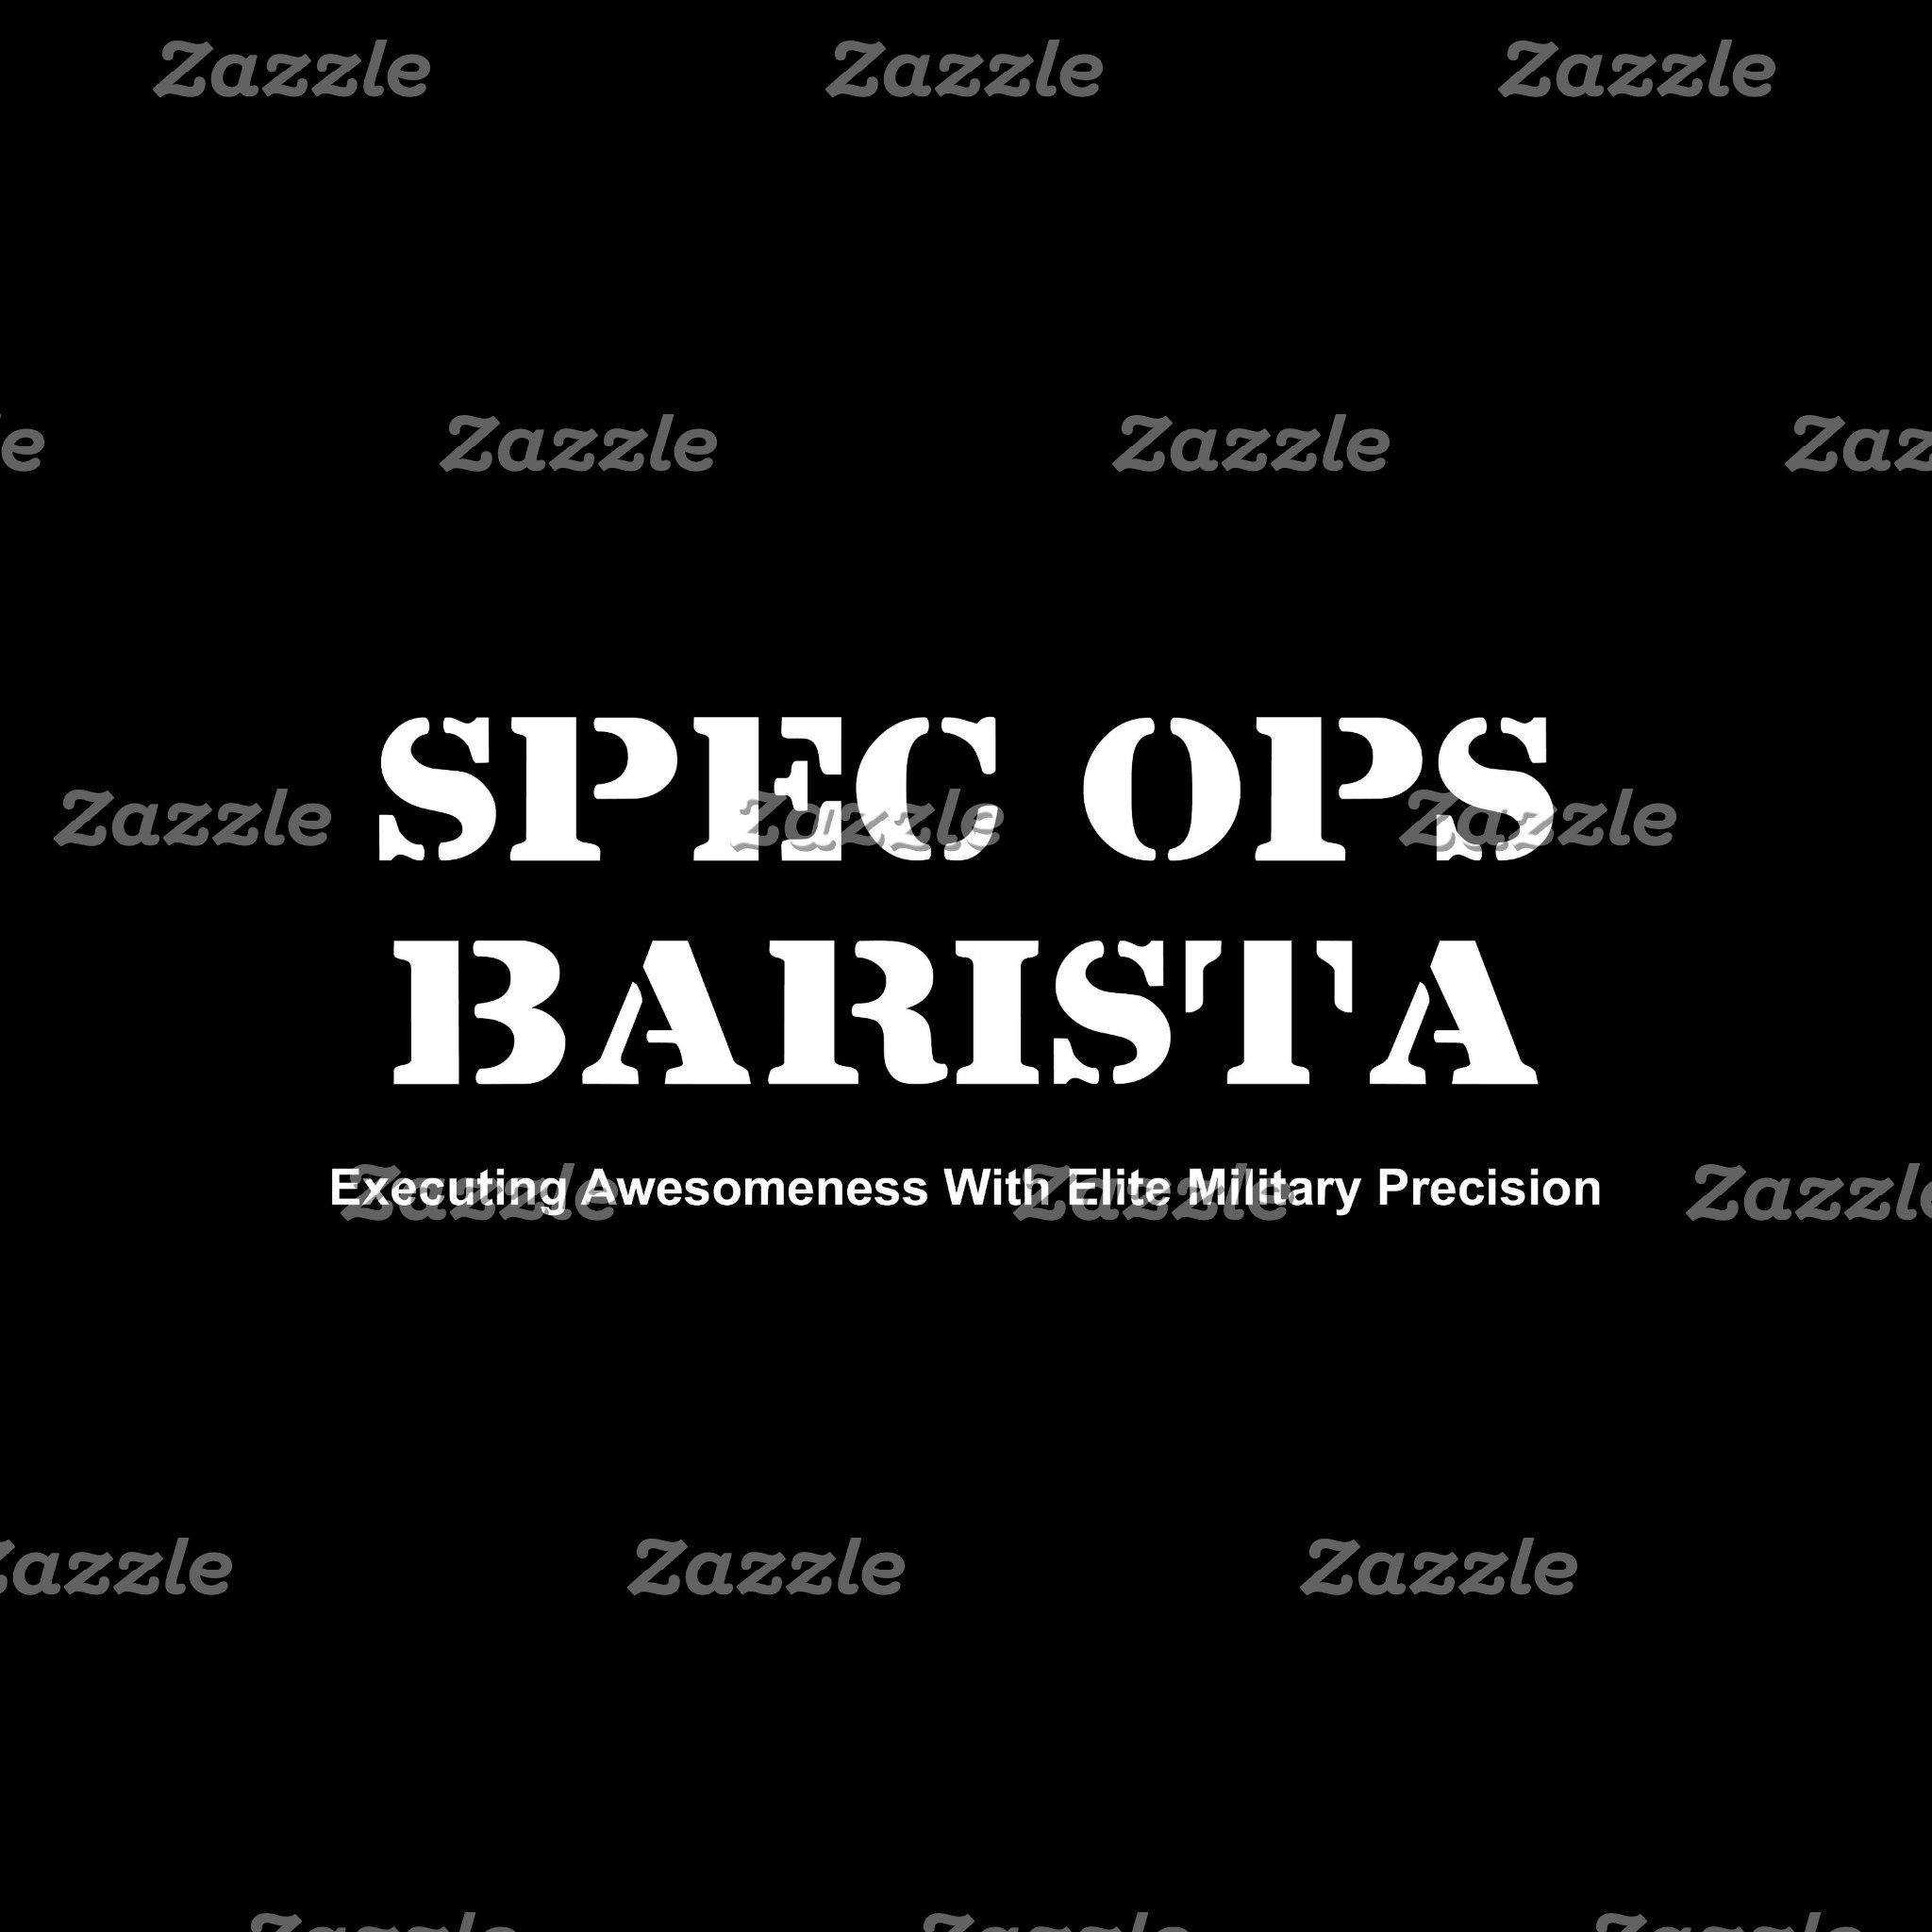 Spec Ops Barista